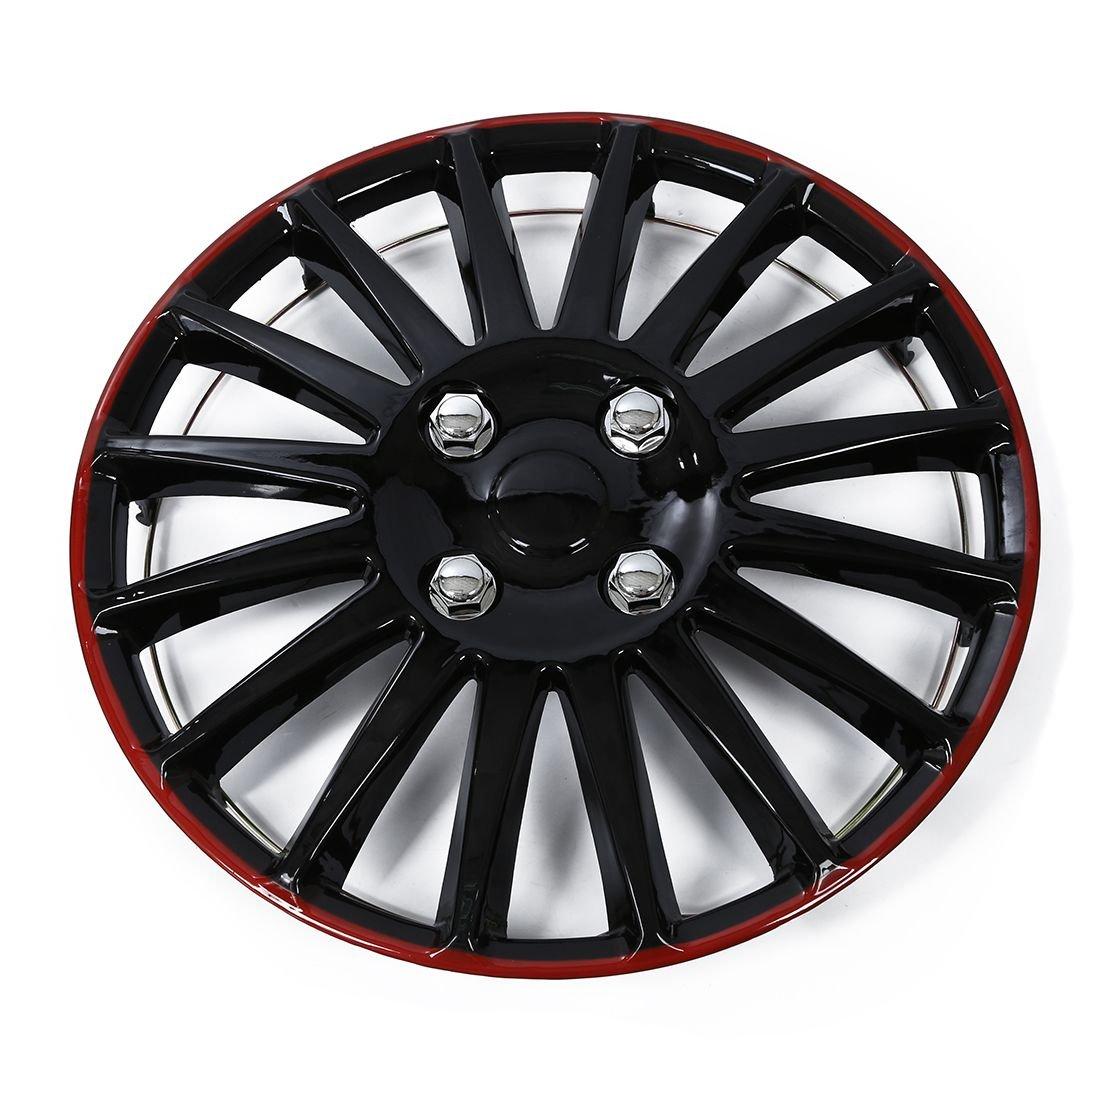 Cikuso 1 pc 13 Pouce Car Wheel Trim Cube Cap Plastique Couvercle Universal Noir Rouge